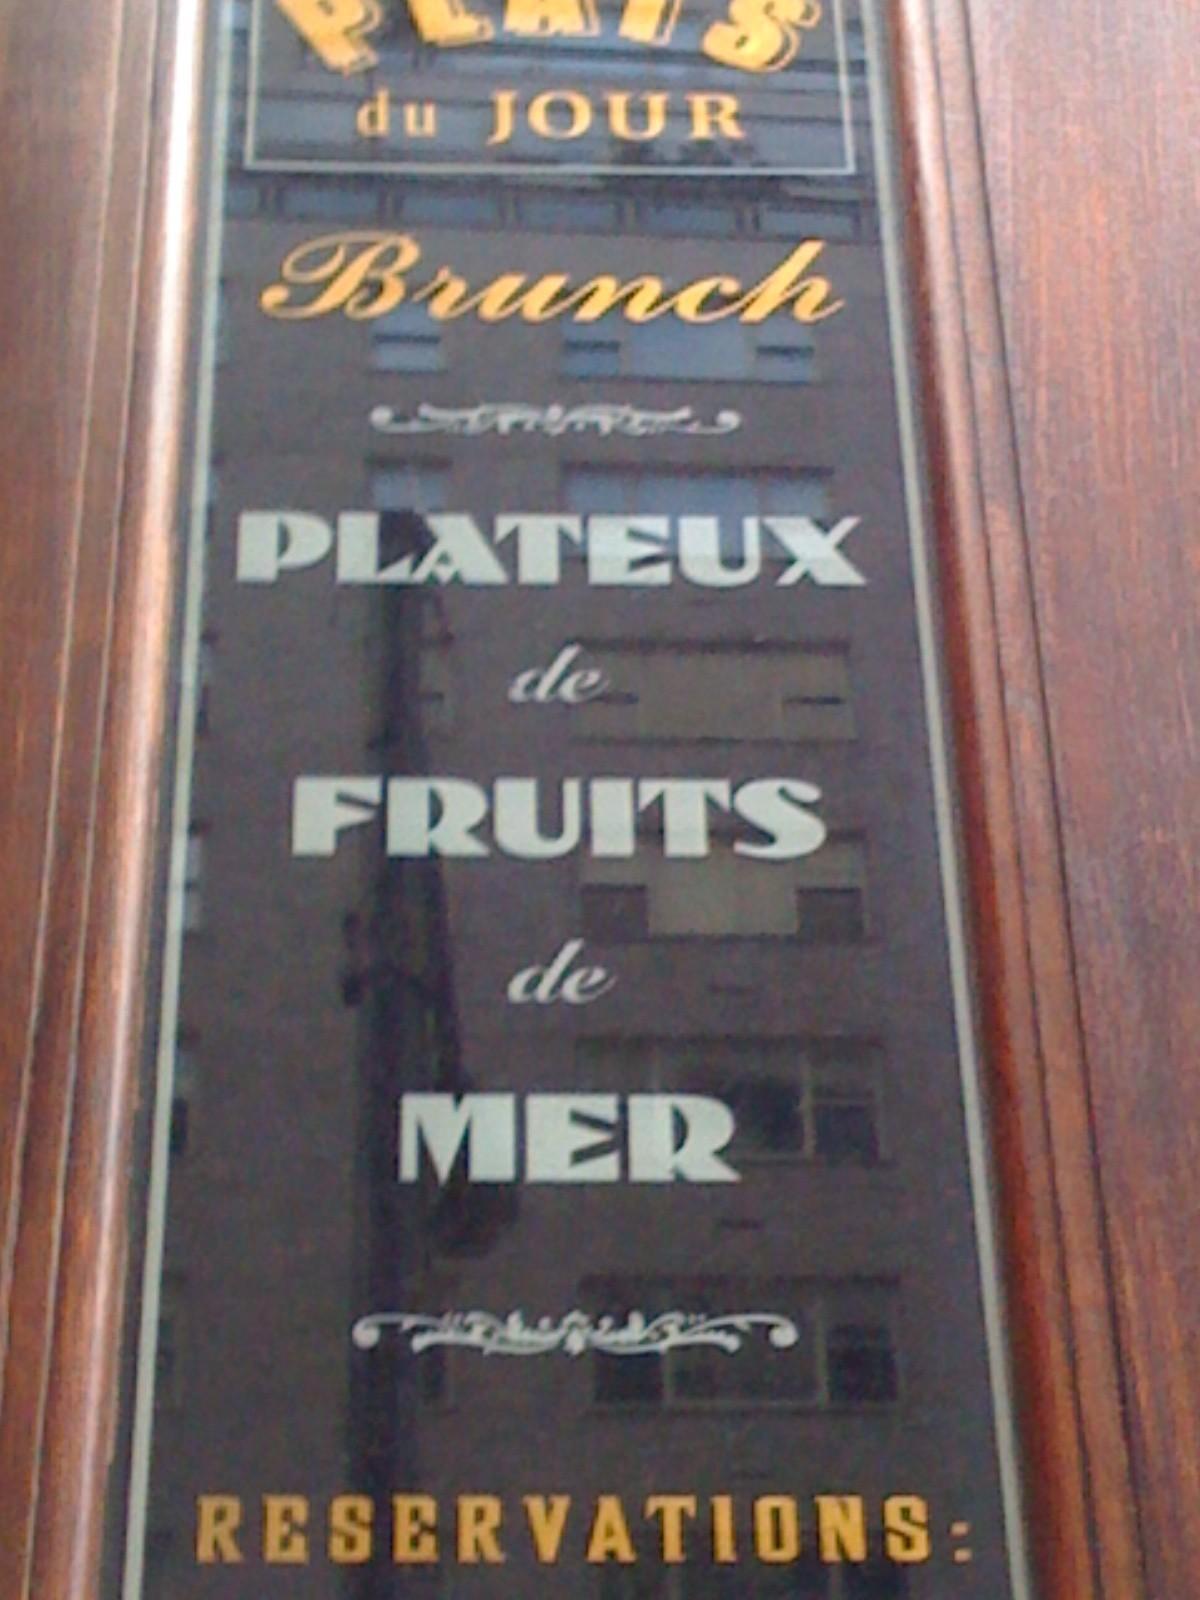 Affiche fautive de restaurant, New York, 2011